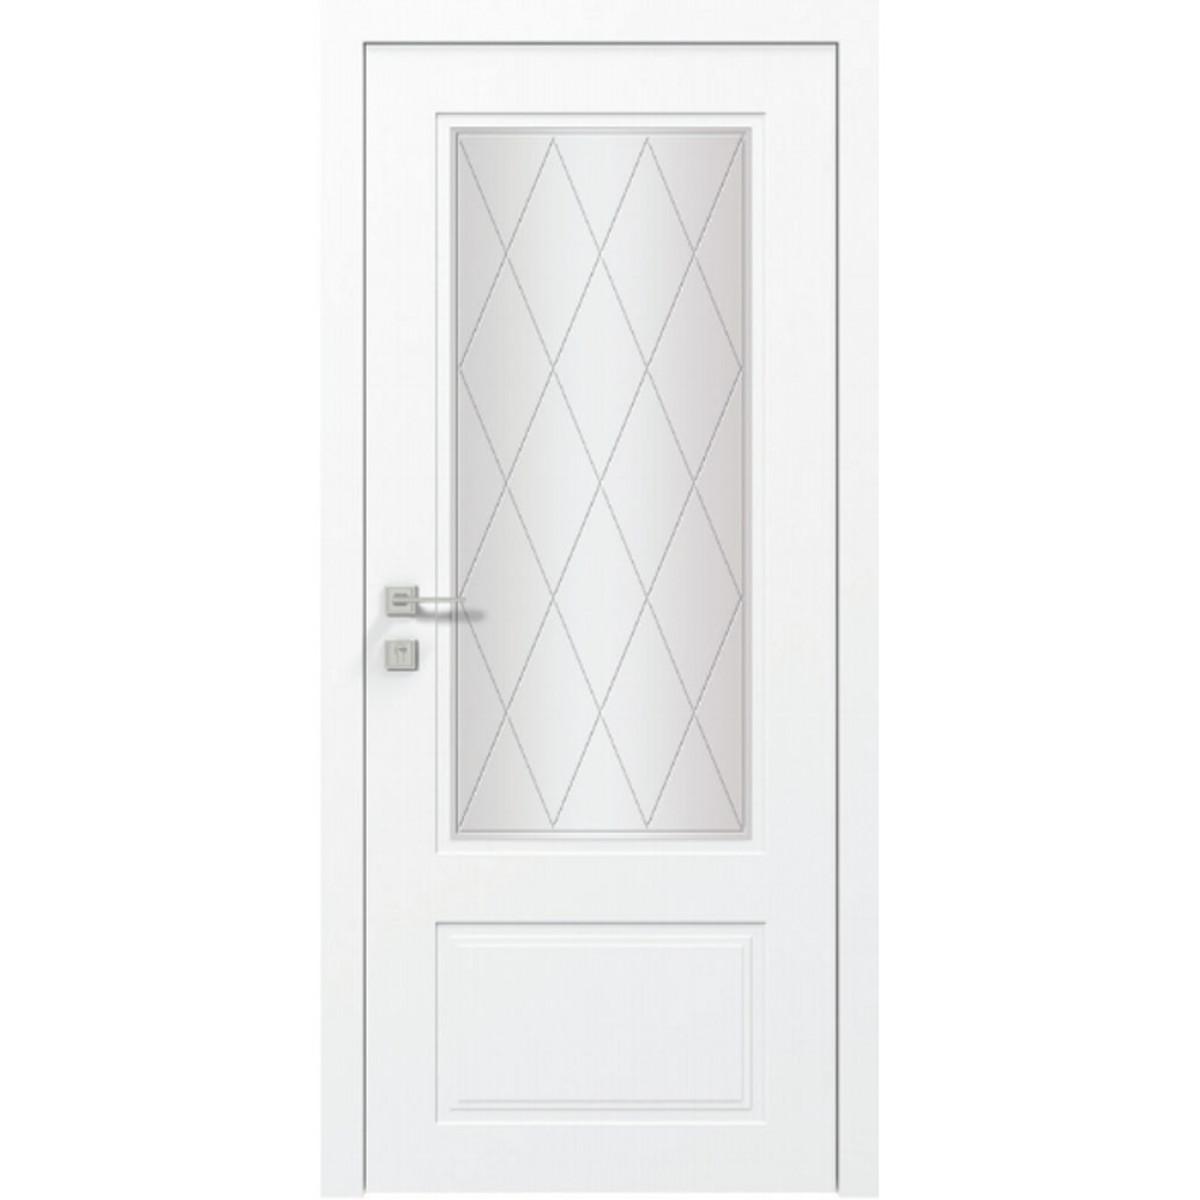 Межкомнатная дверь Cortes Galant со стеклом сатин рис.7 белый мат Rodos